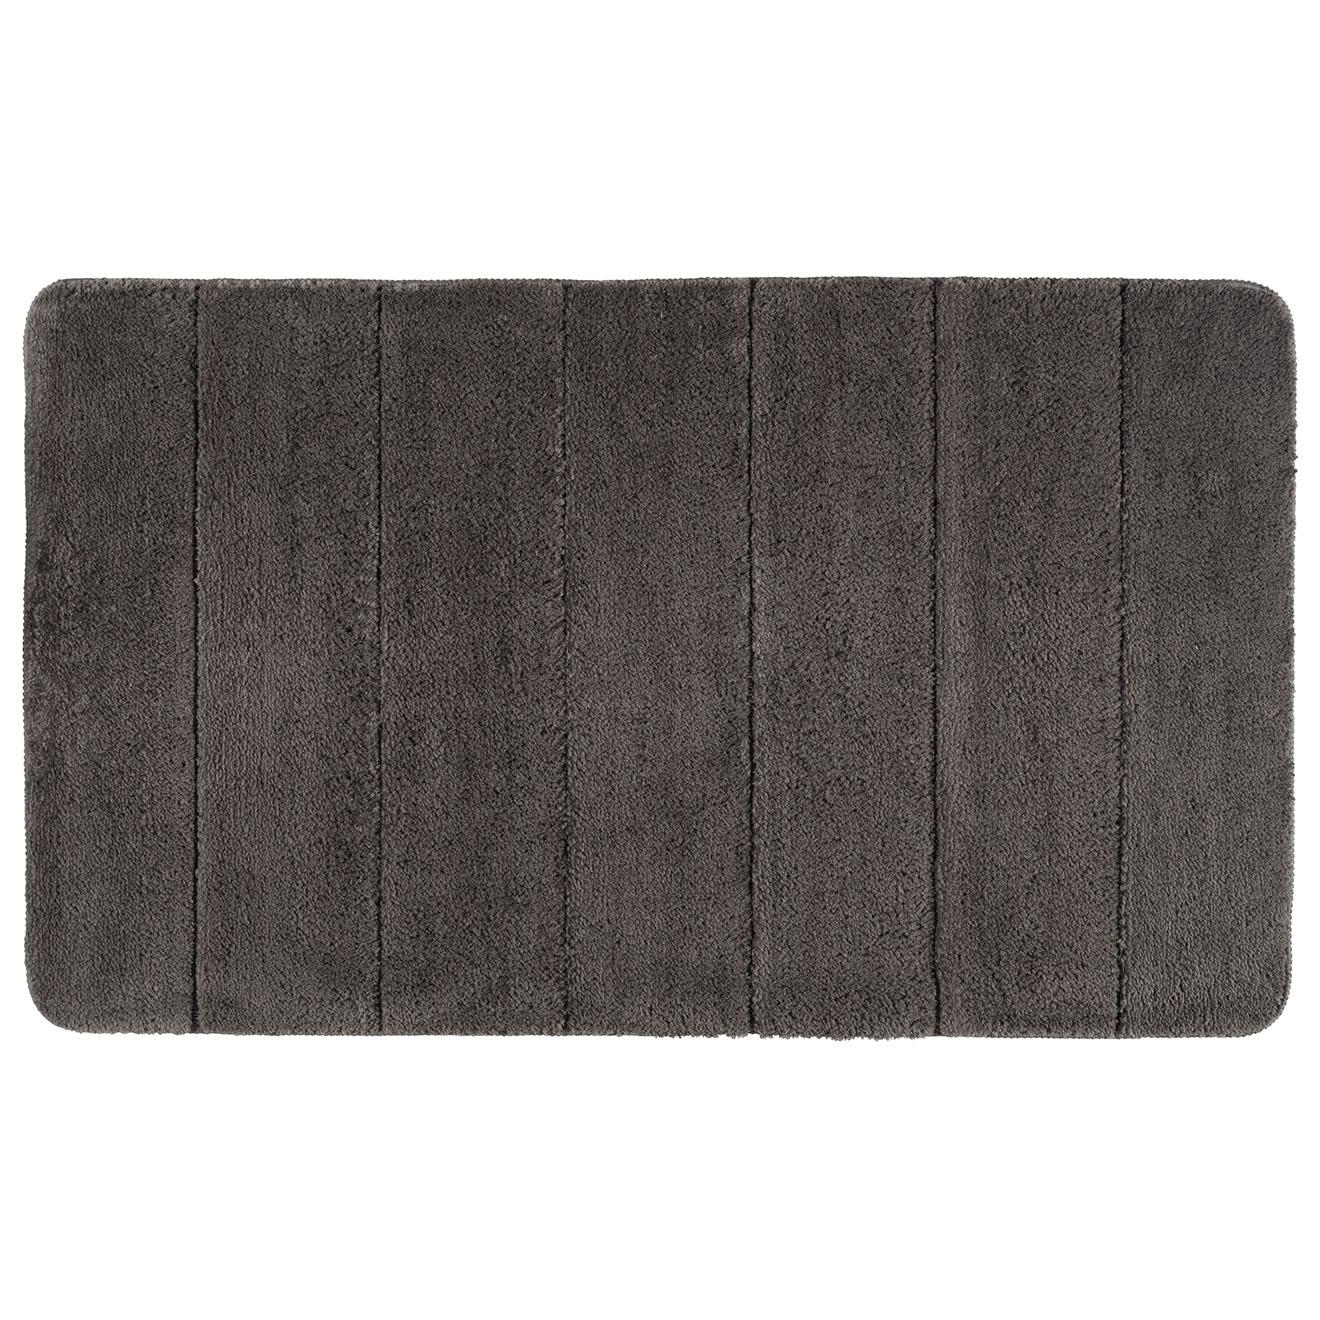 Tapis de bain Steps gris - 70x120 cm